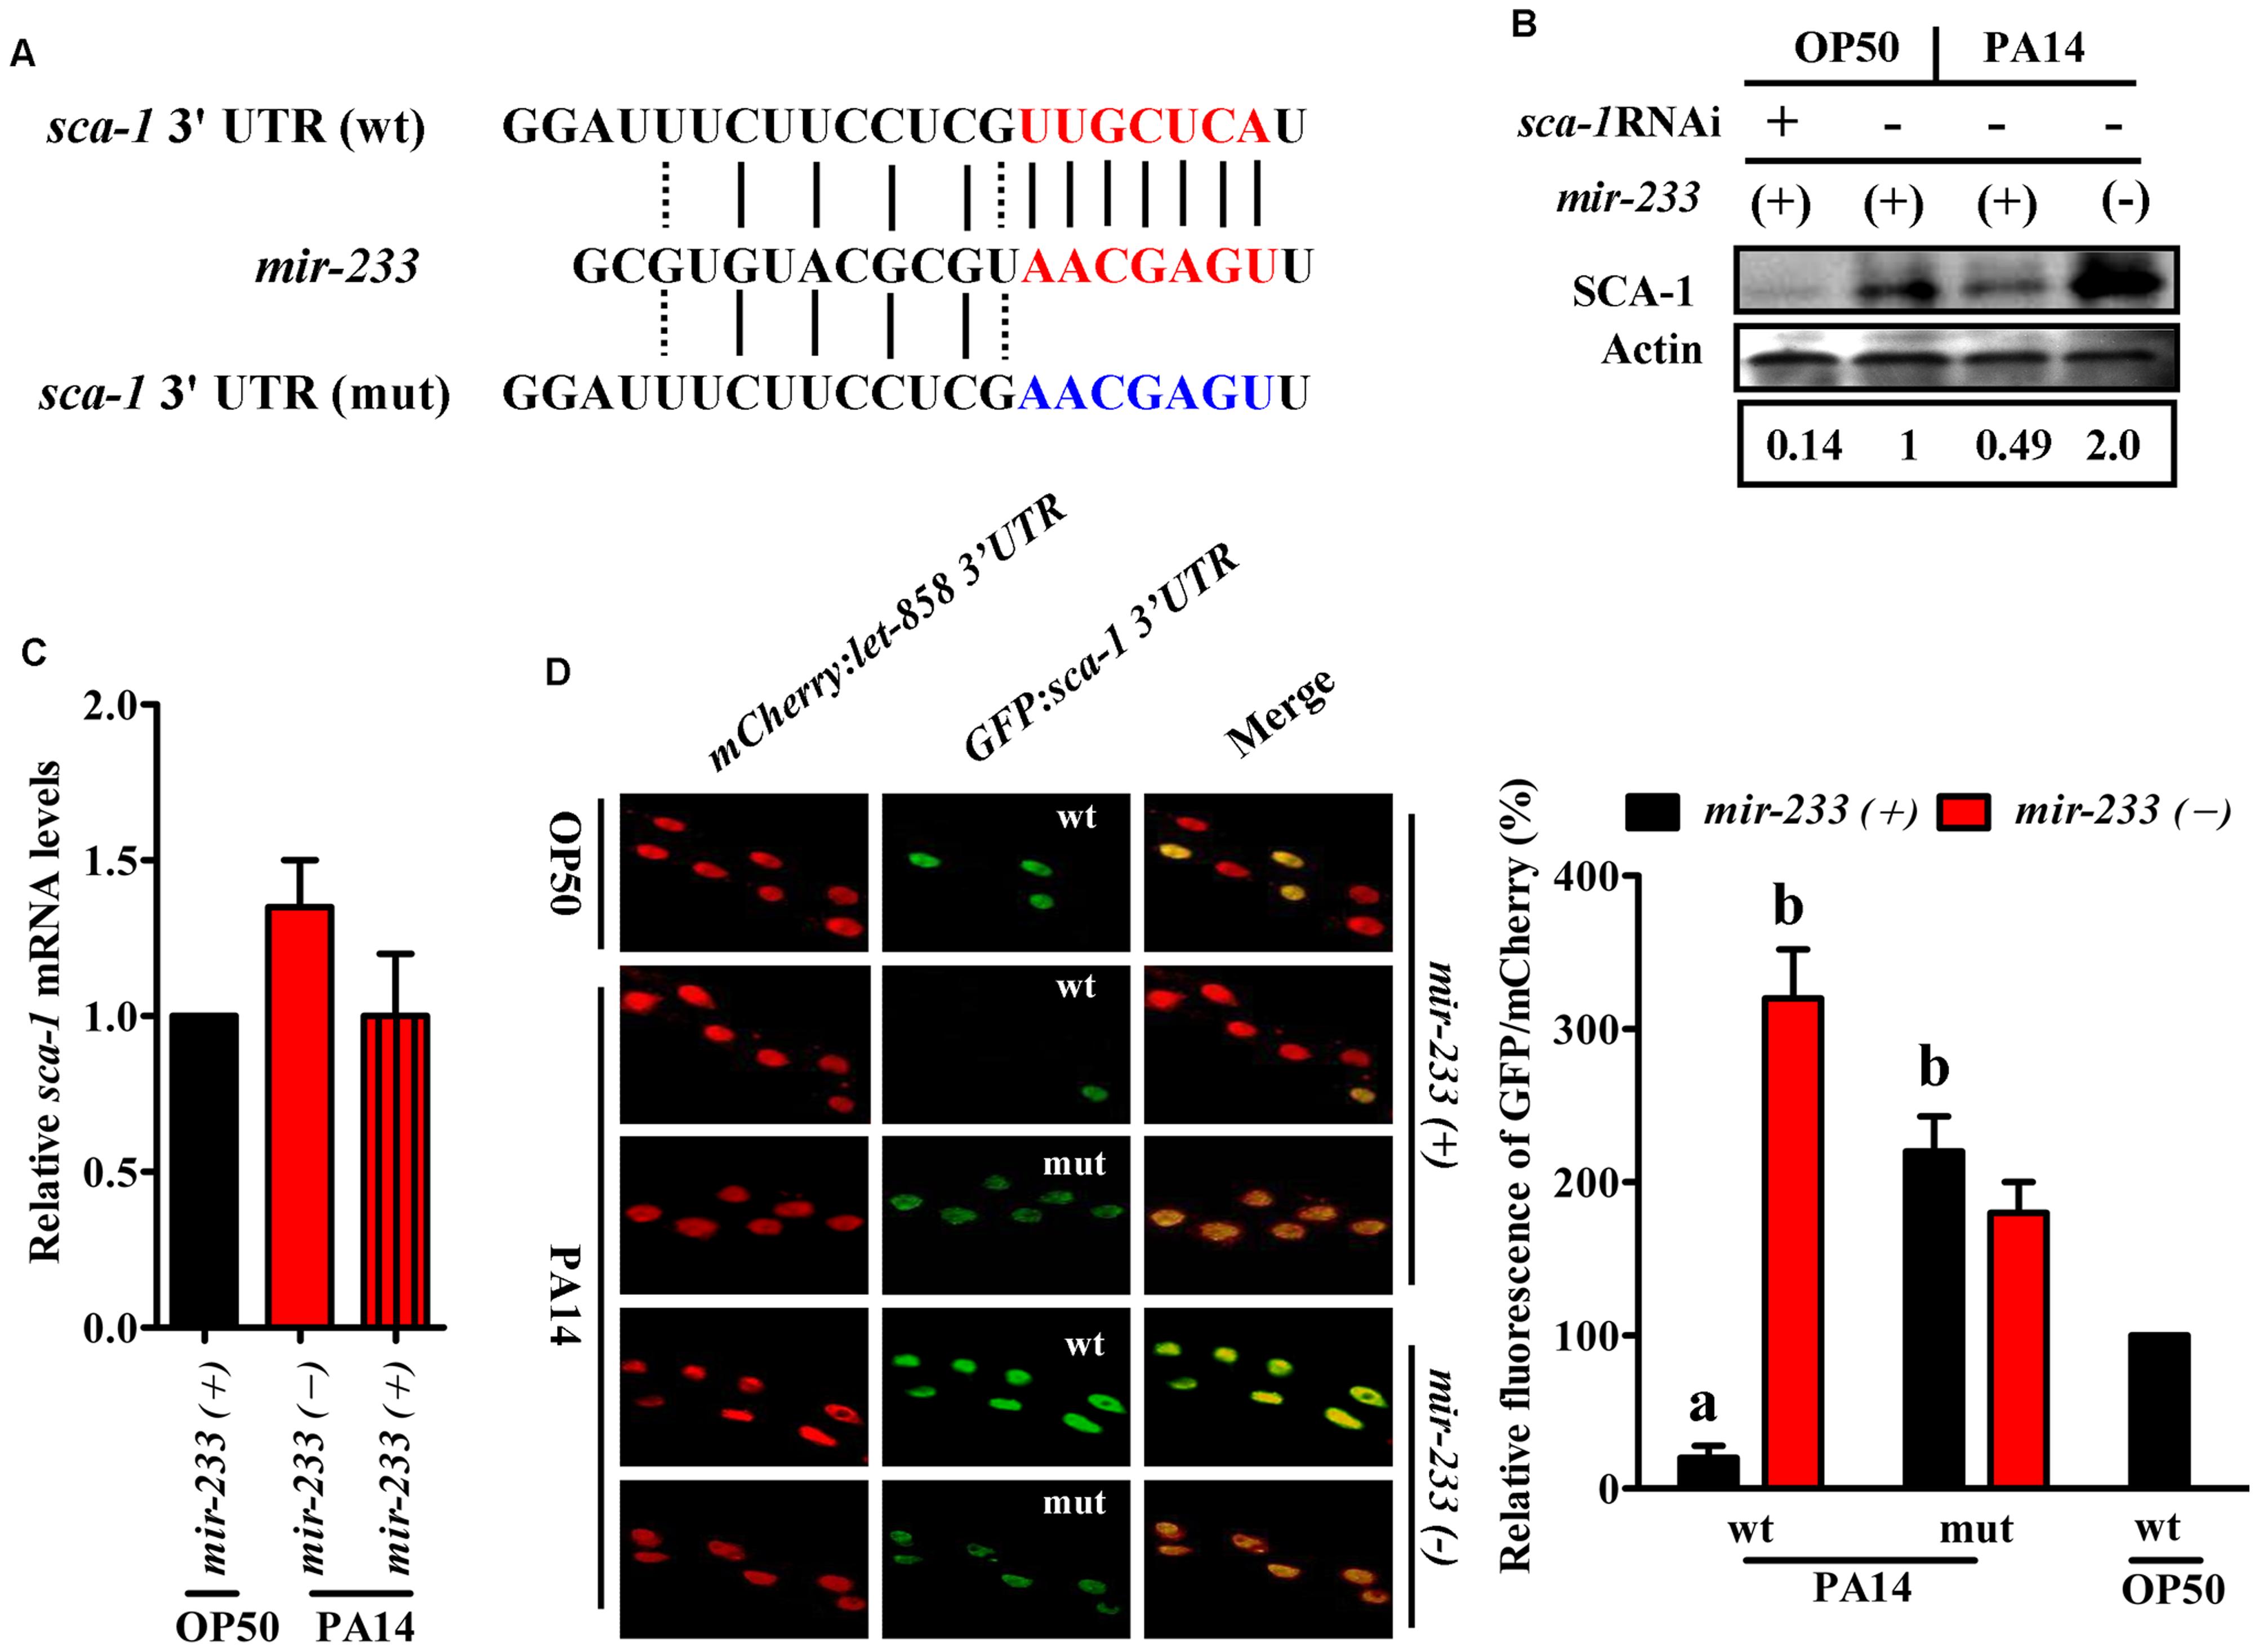 <i>sca-1</i> is a target gene of <i>mir-233</i>.